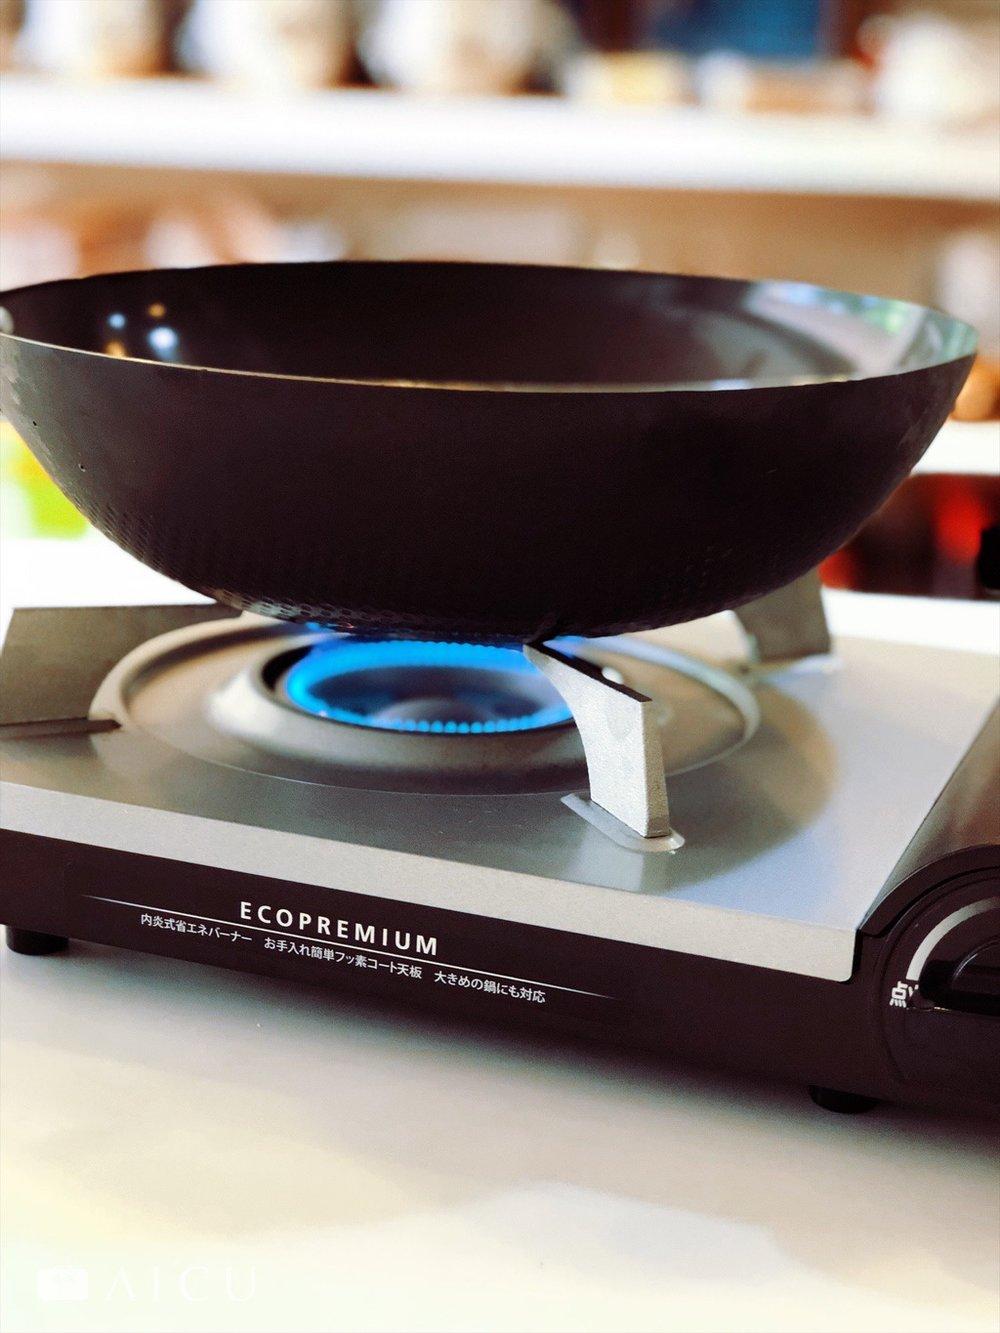 瓦斯爐不挑鍋,什麼鍋都能用,但記得要學習好火力的調整,就能控制好各種火力。